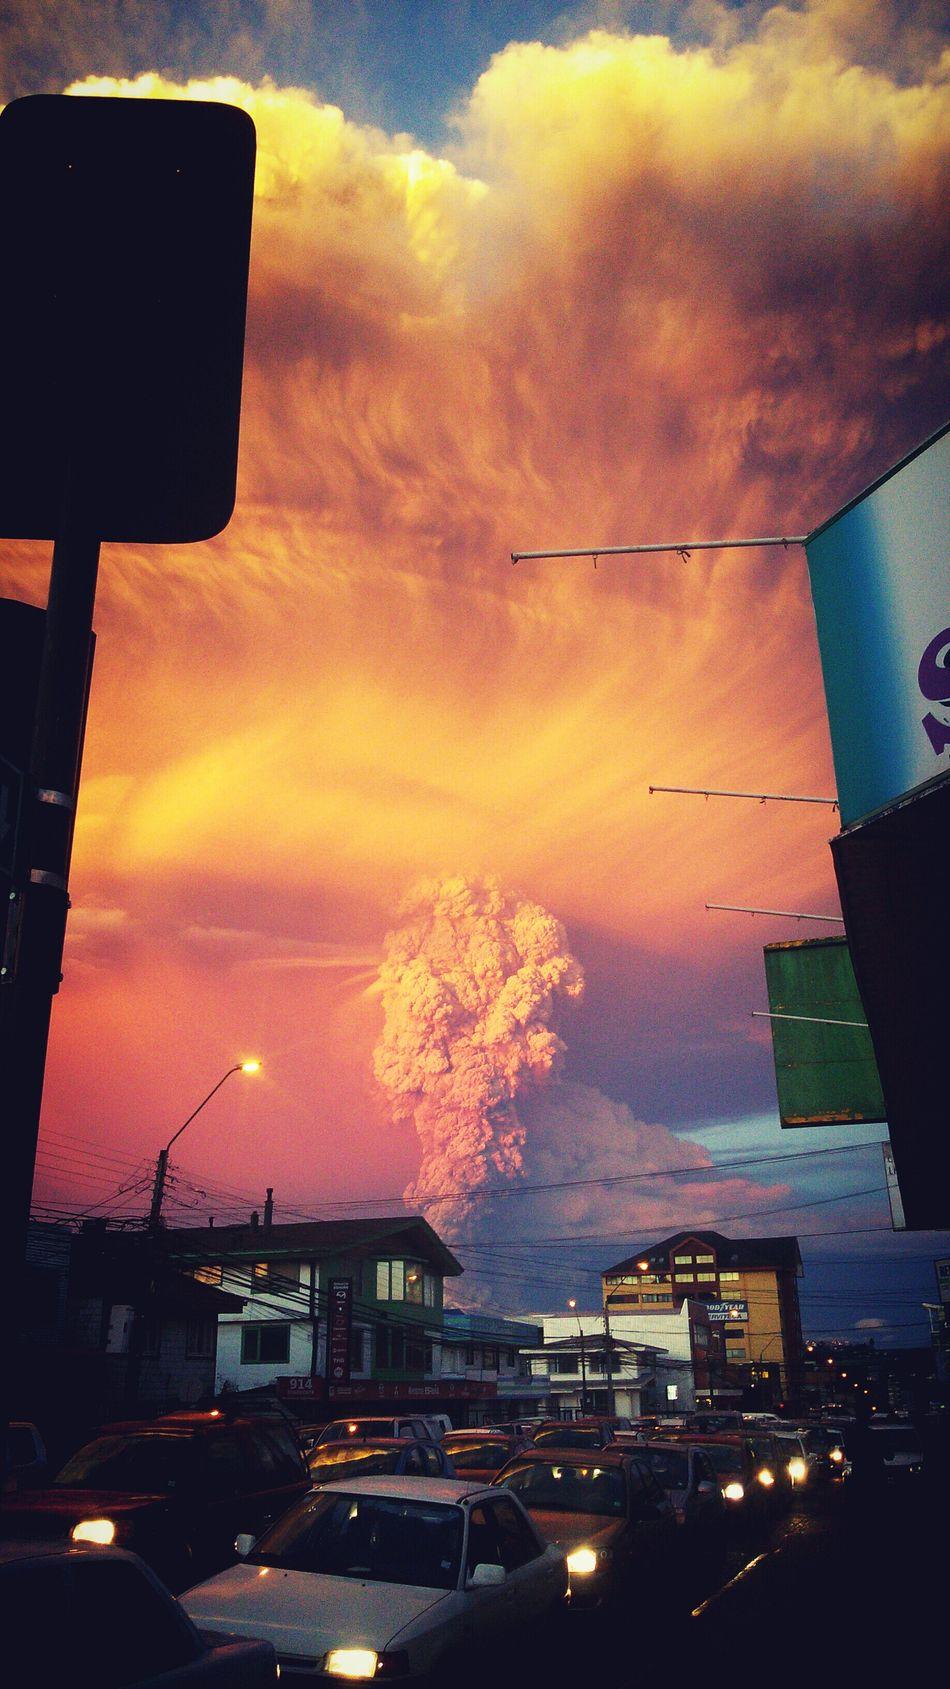 Erupcion Volcan Calbuco Volcano Eruption EyeEm Best Shots Hello World Eyemteam Volcanoes